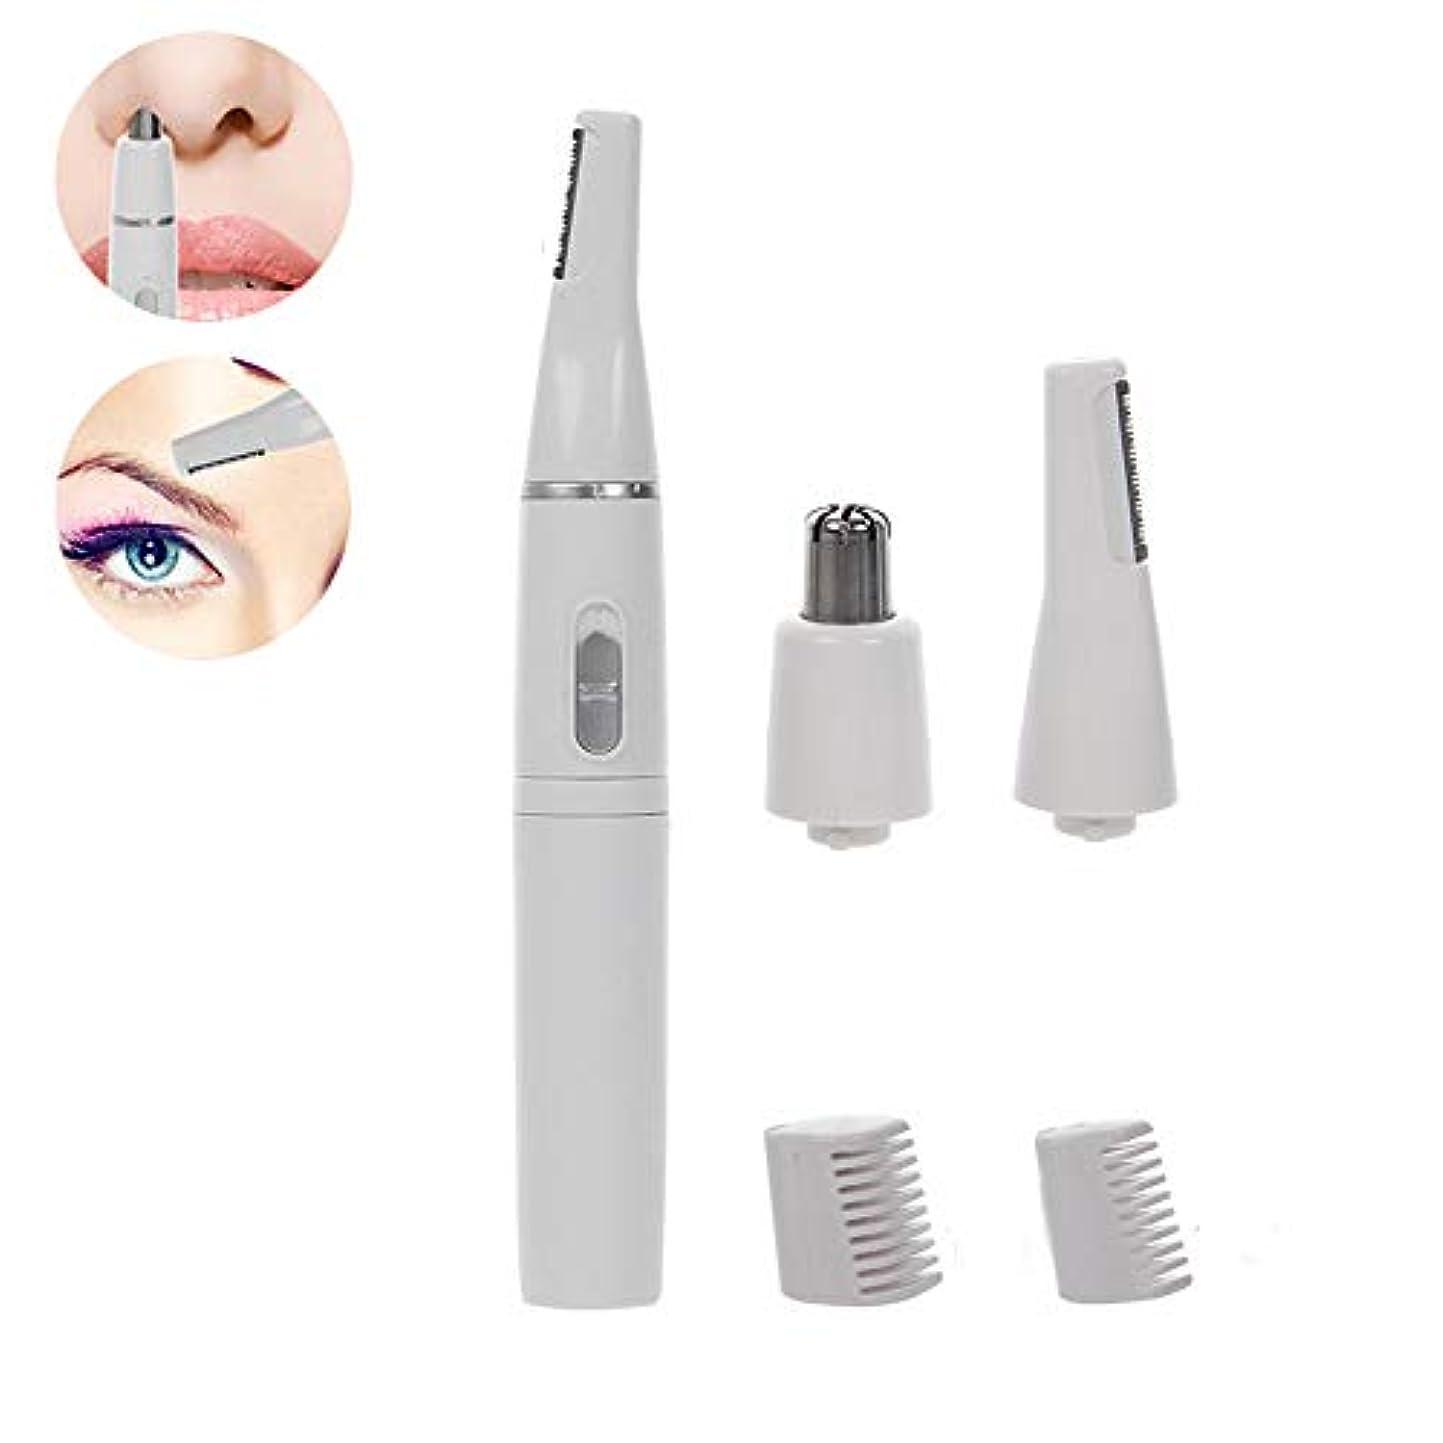 高尚な納税者積極的に電動眉毛整形ナイフ、2 in 1鼻毛、かみそり防水、ユニセックス